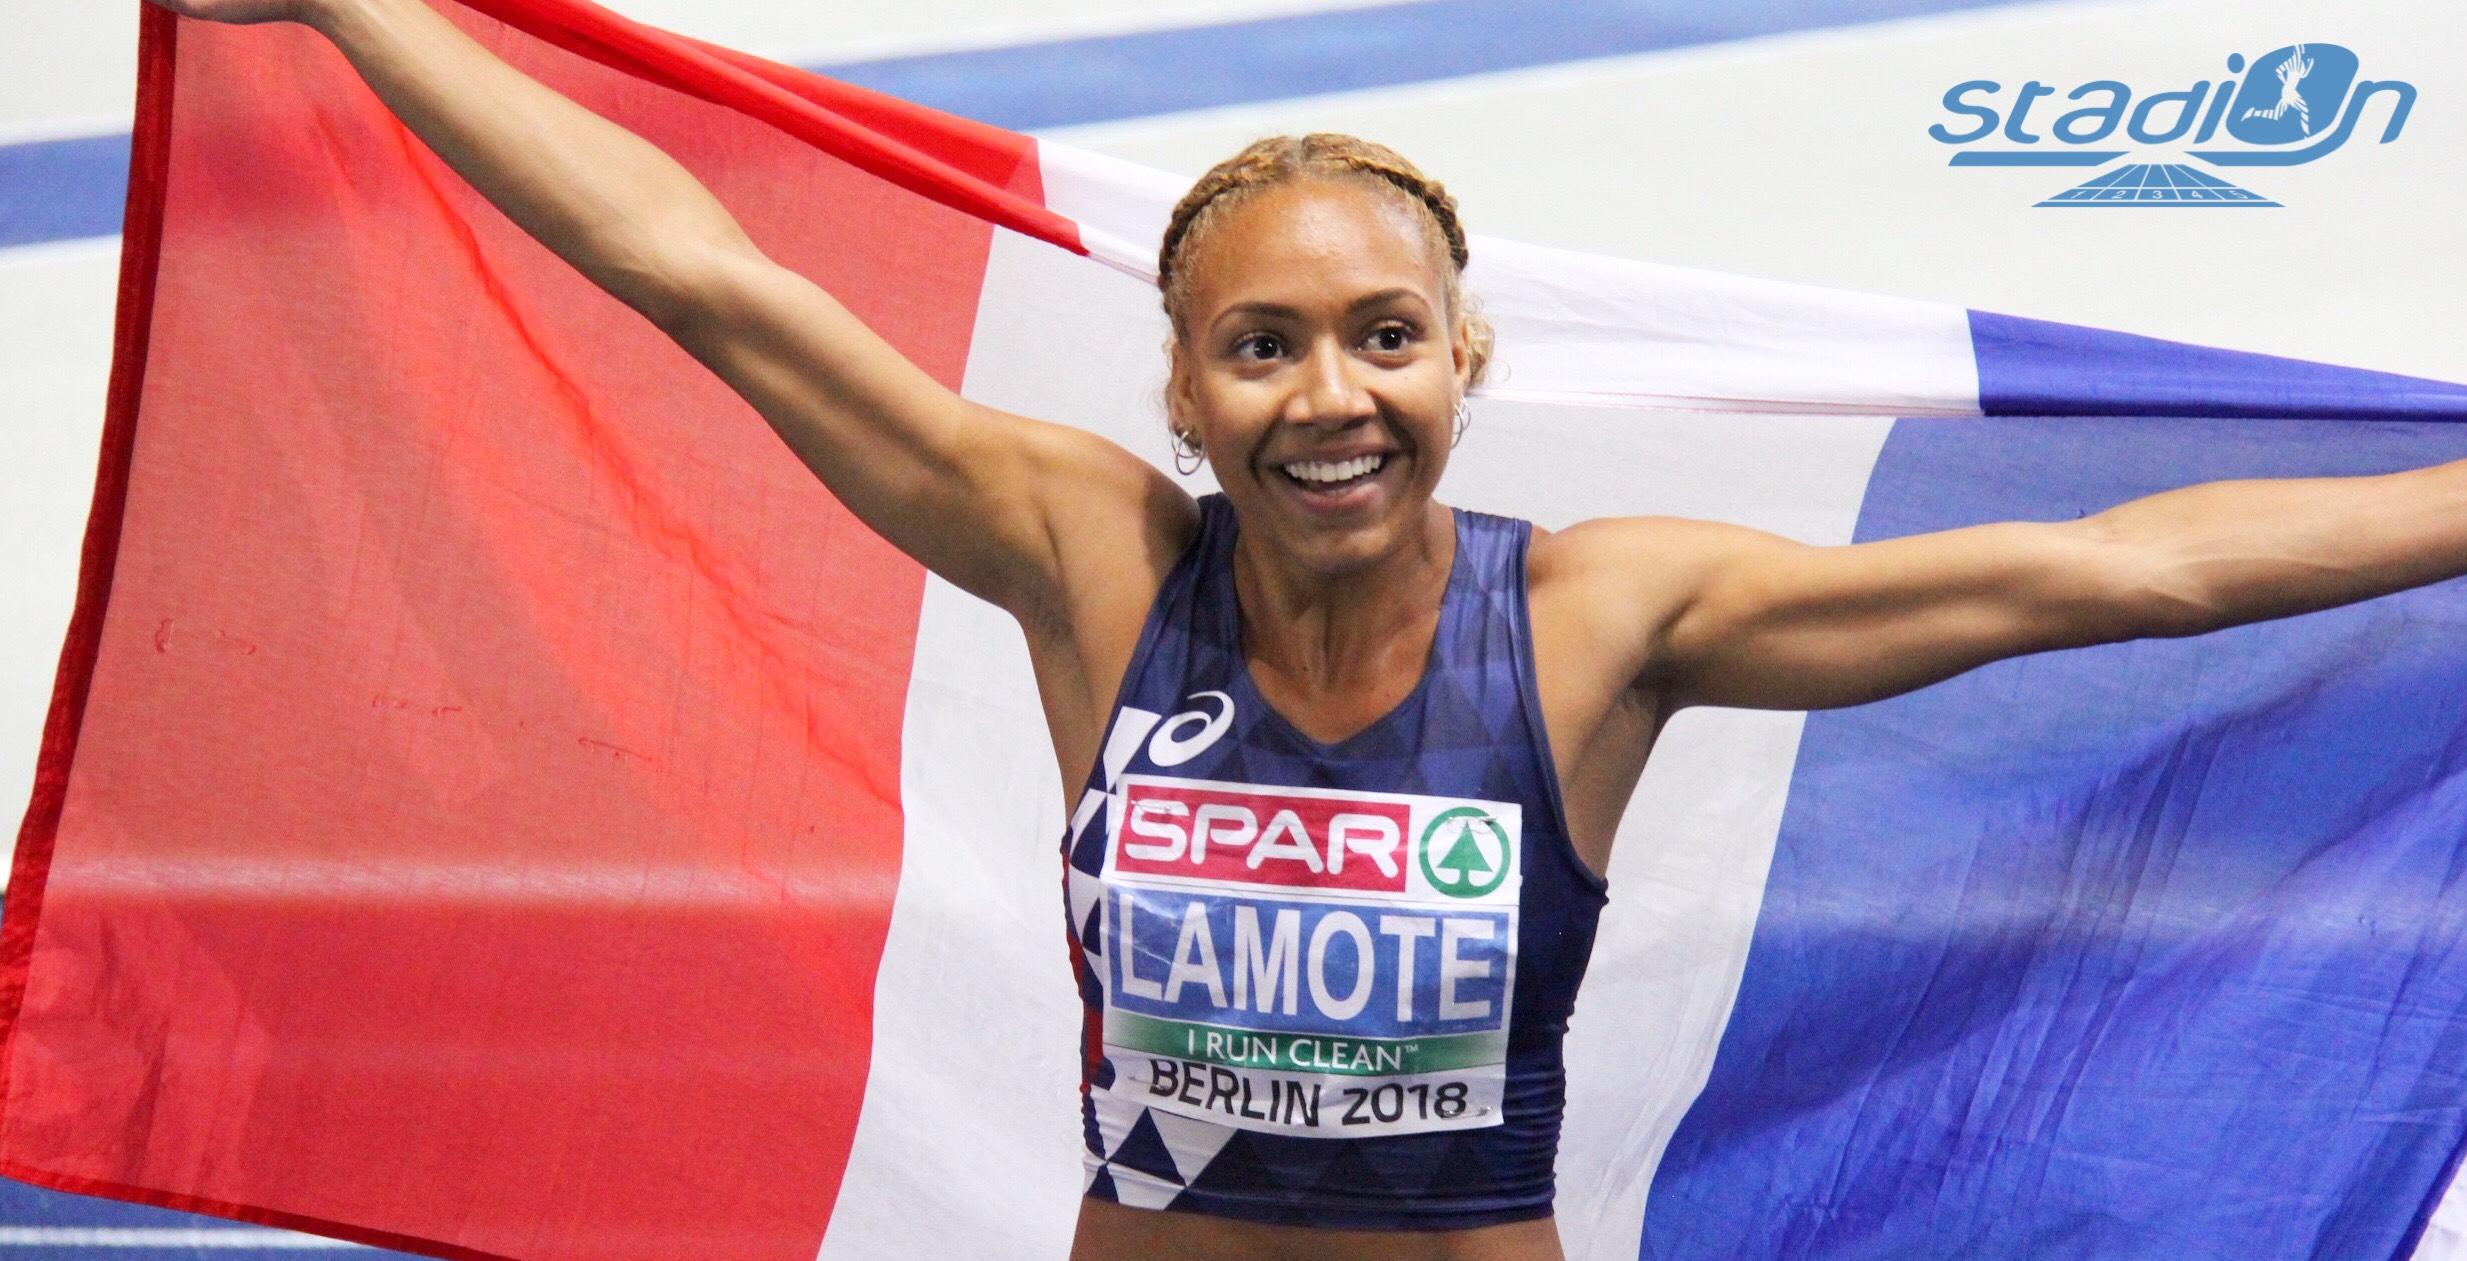 Après huis saisons passées au club du Pays de Fontainebleau Athlétisme, la triple vice-championne d'Europe du 800 m Rénelle Lamote a décidé de poursuivre sa carrière sous les couleurs du Racing Multi Athlon.